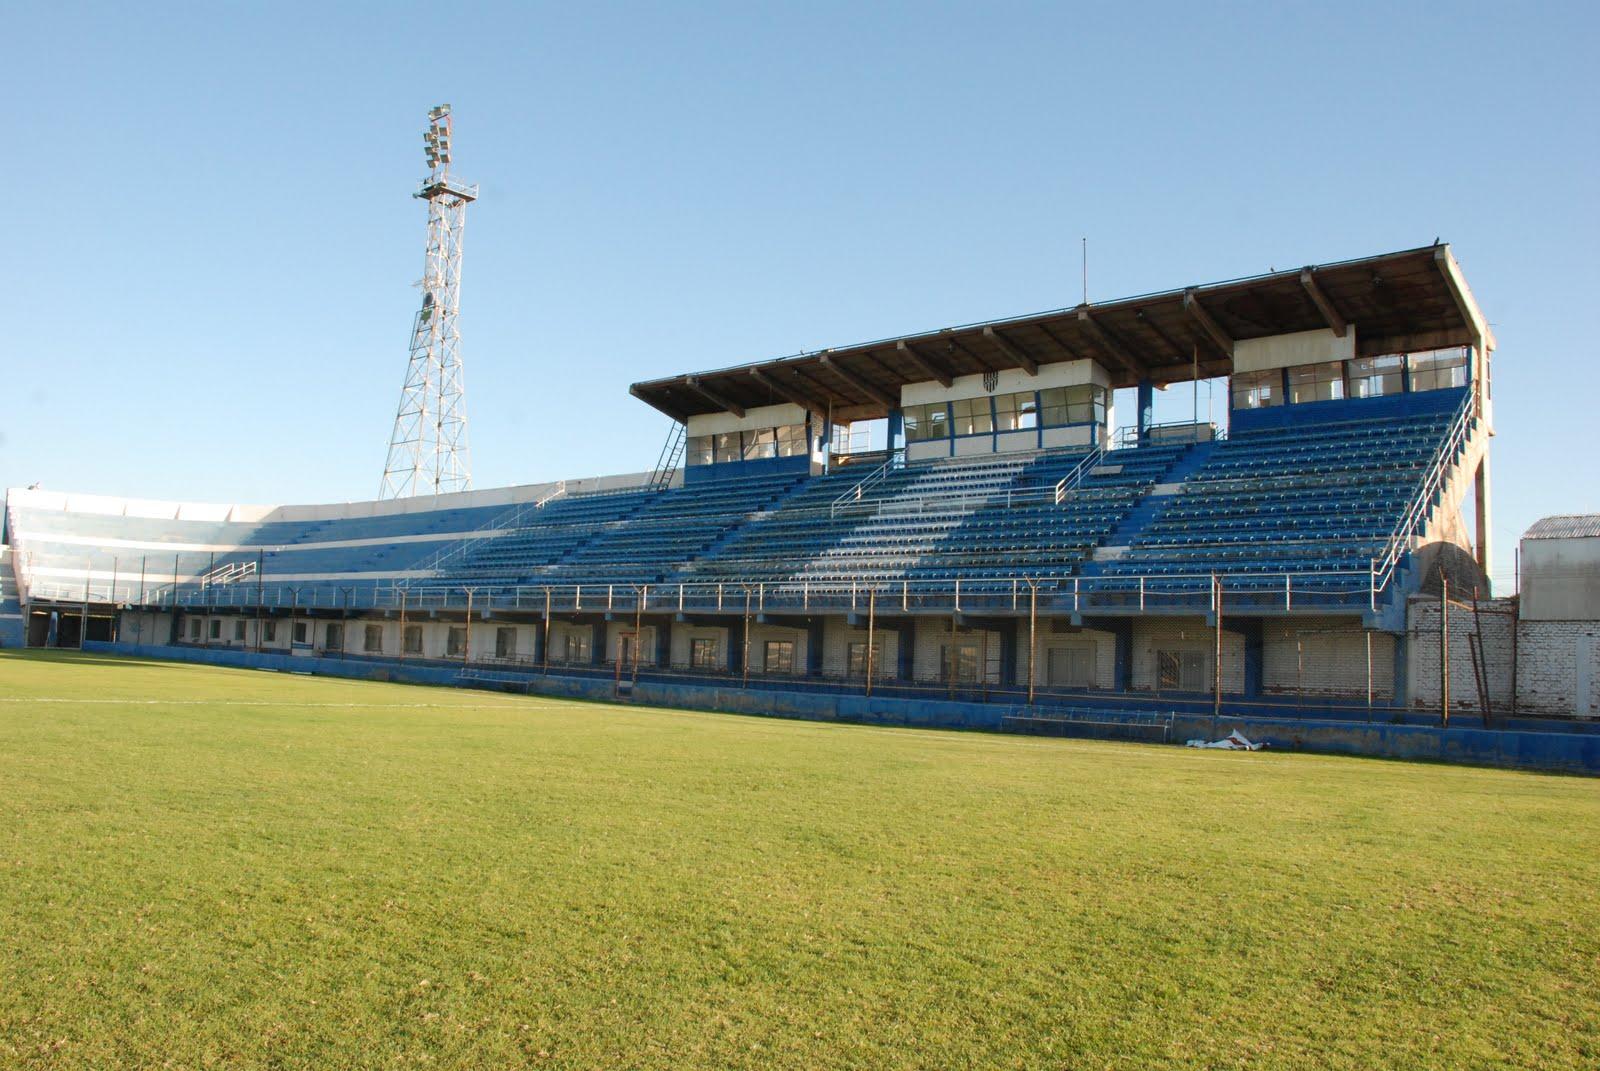 el estadio mas grande de la argentina